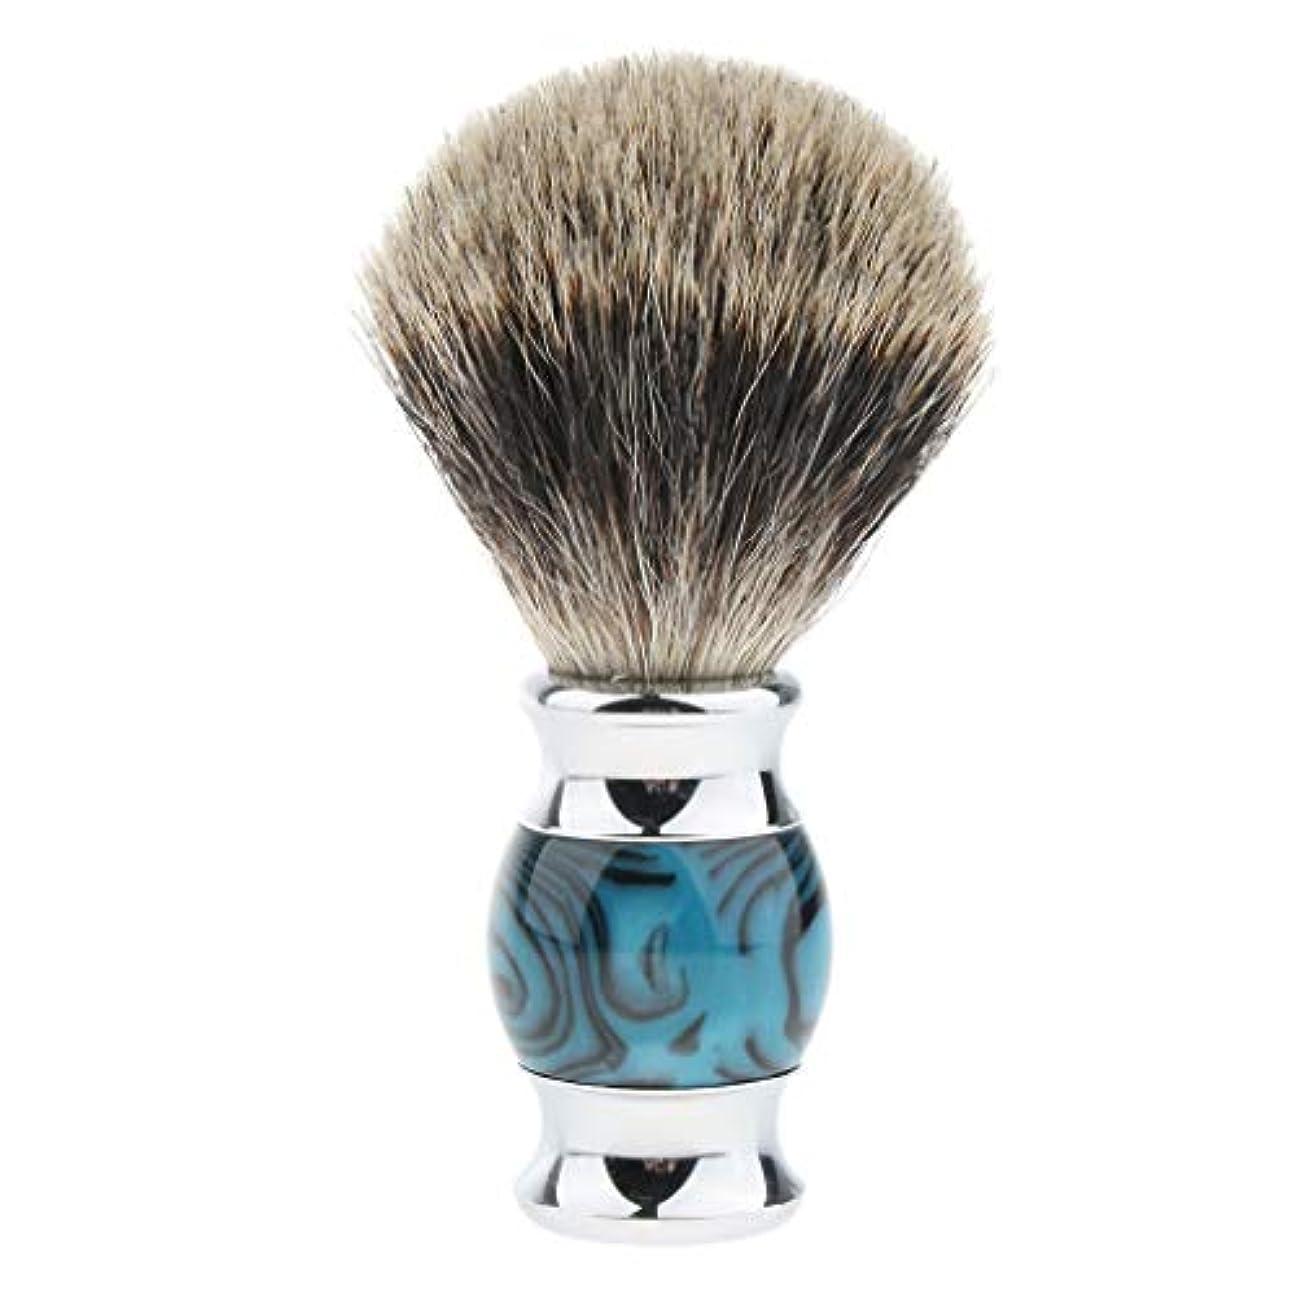 増強する失態使用法Hellery ひげブラシ シェービング ブラシ メンズ 理容 洗顔 髭剃り 泡立ち 多色選べ - 04